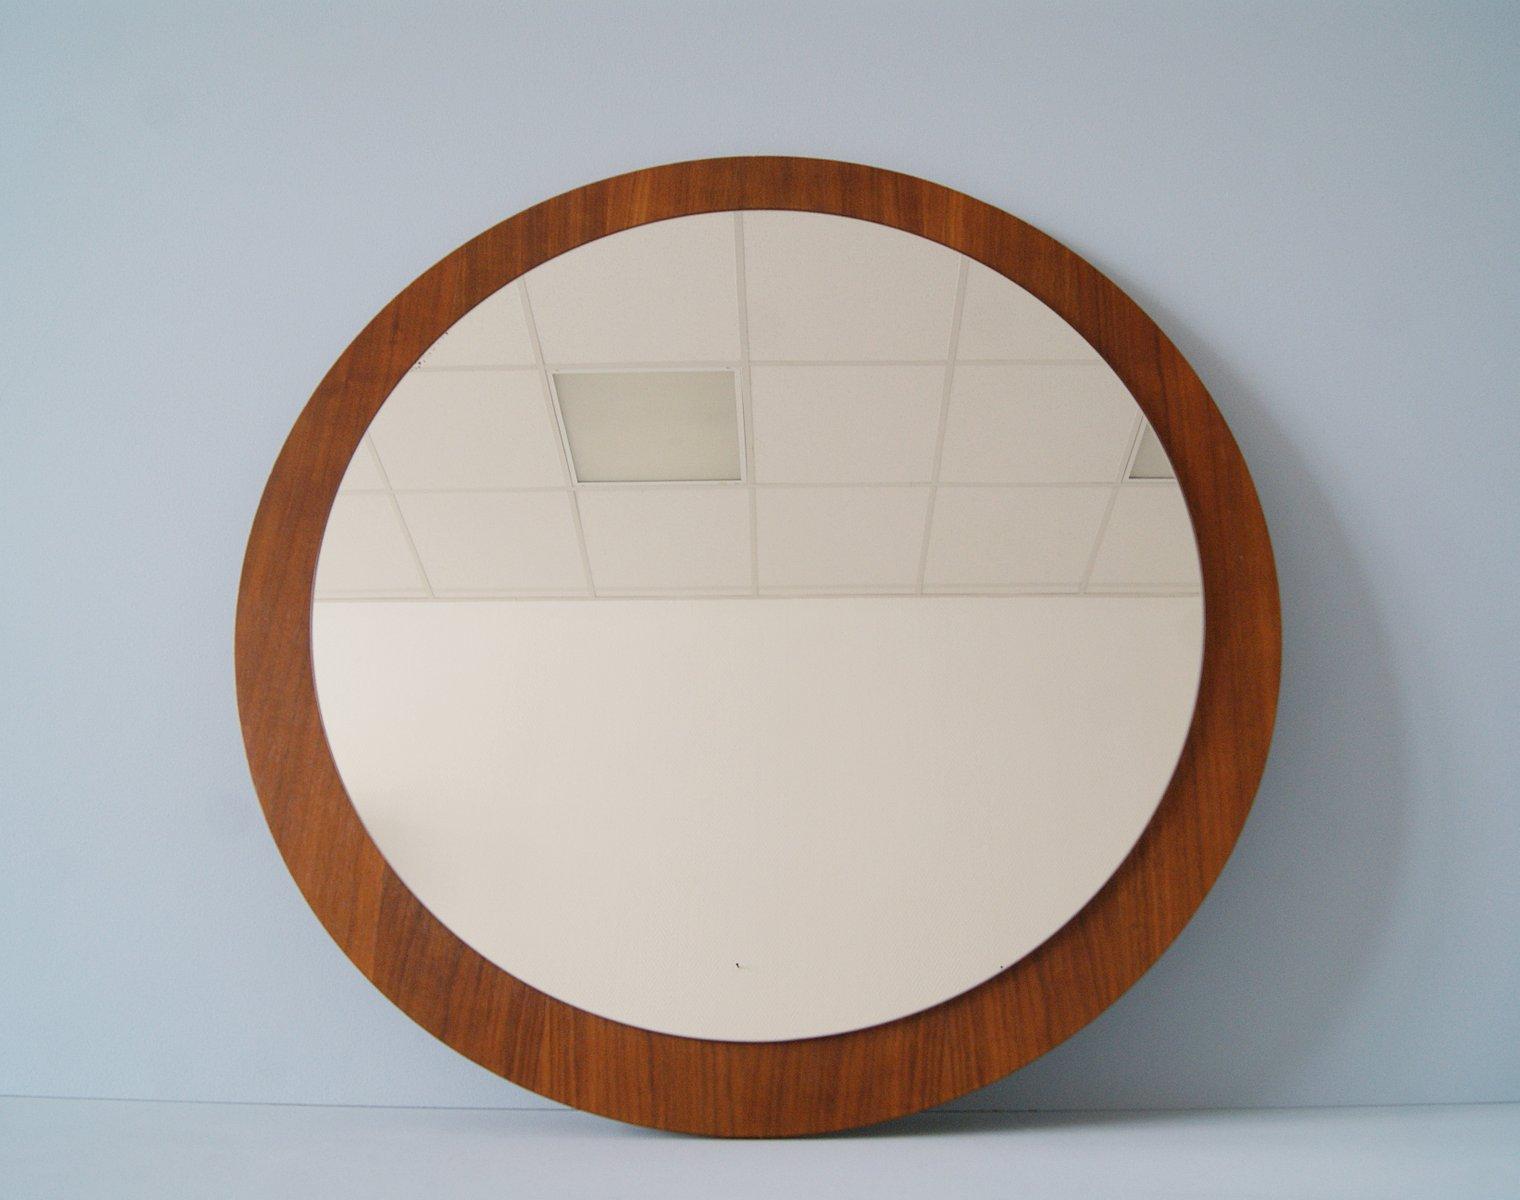 Großer Runder Spiegel Mit Rahmen Aus Teakholz 1960er